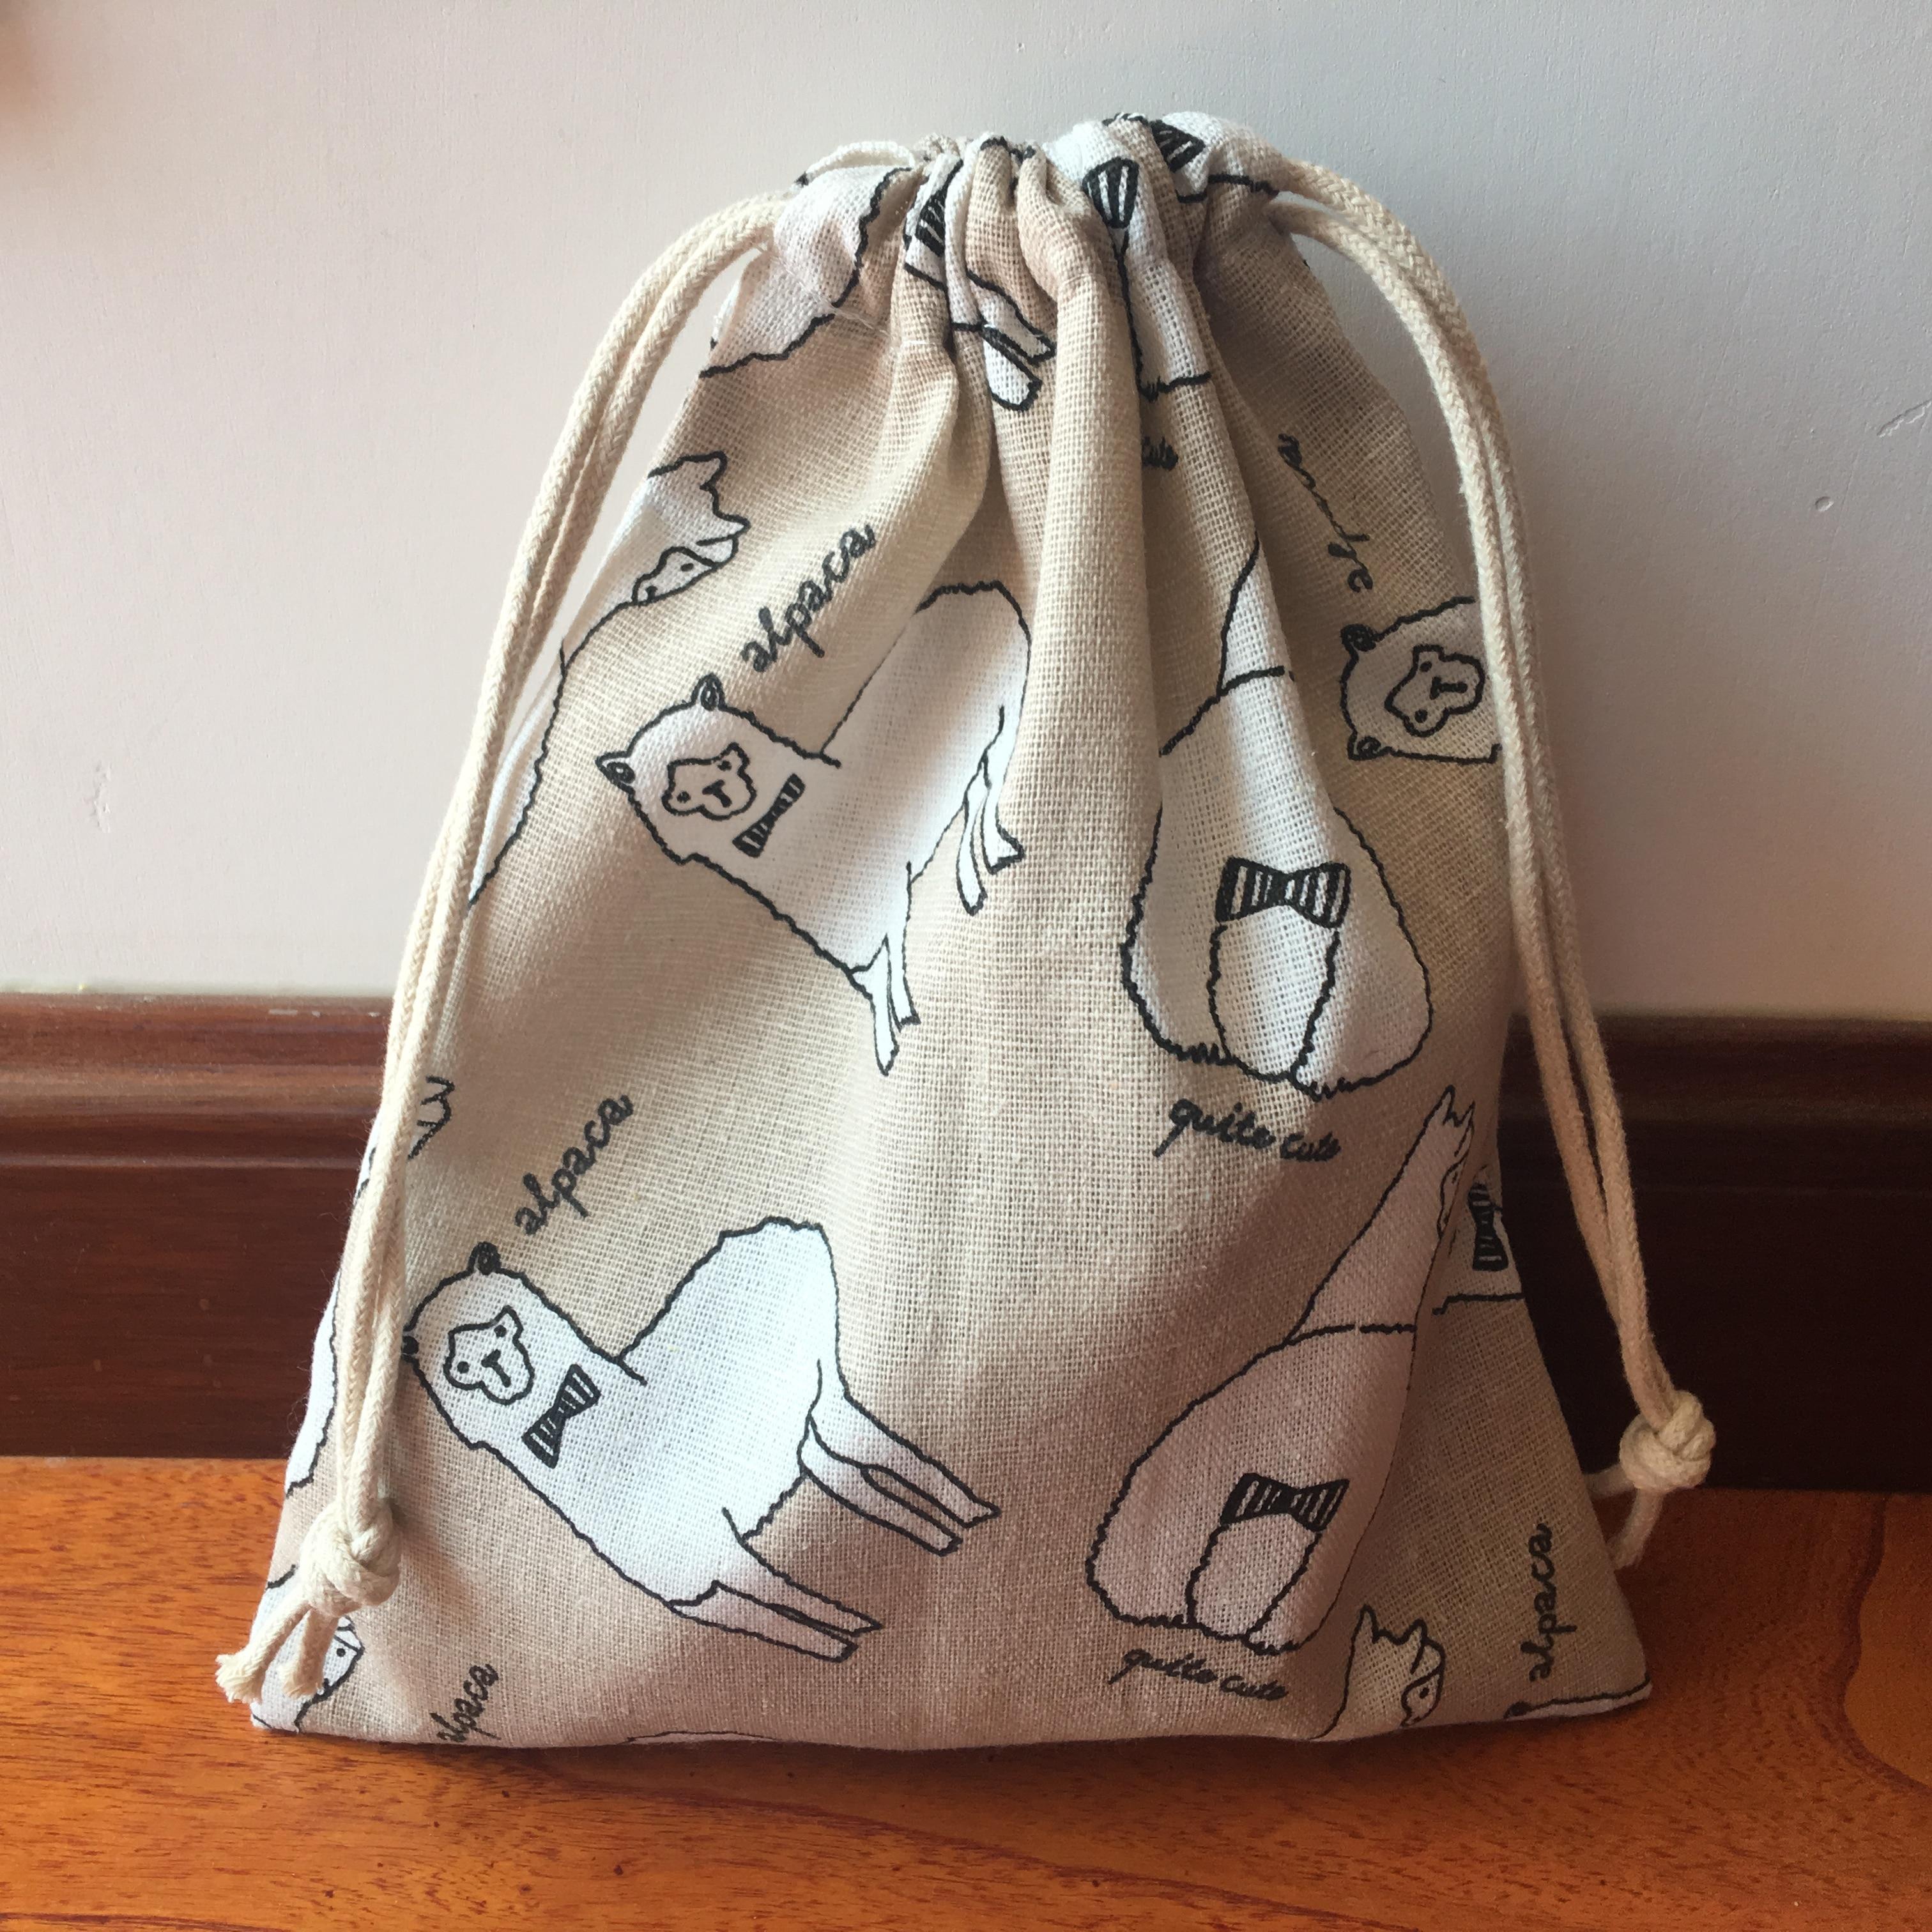 1pc Cotton Linen Drawstring Multi-purpose Pouch Party Gift Bag Cute Alpaca Khaki Base YI